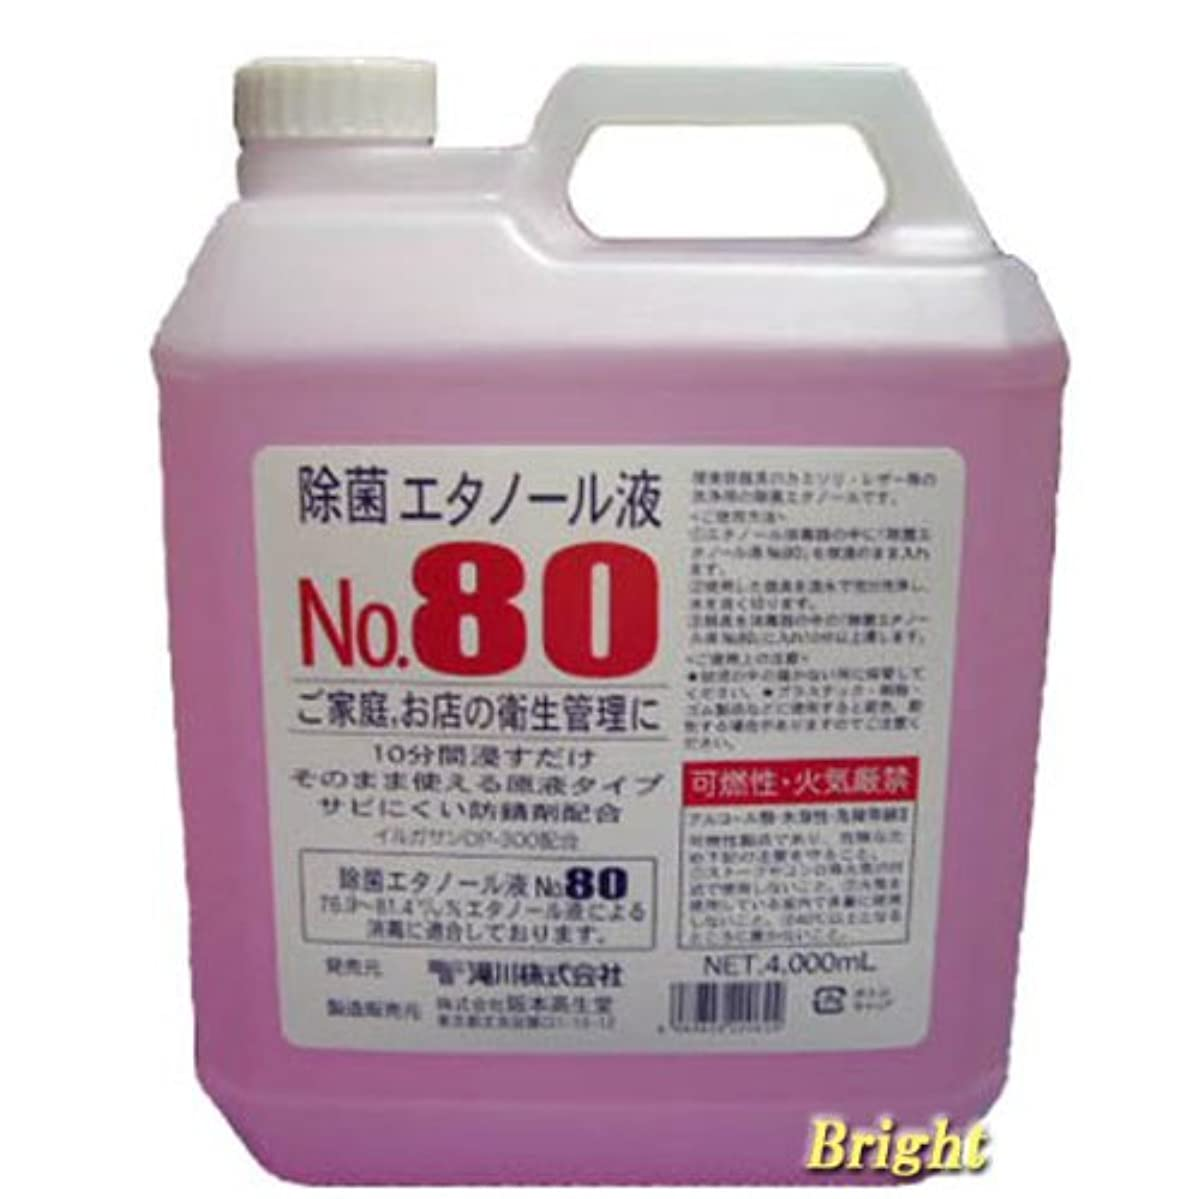 増強刺激する施し除菌エタノール液NO.80 4000ml